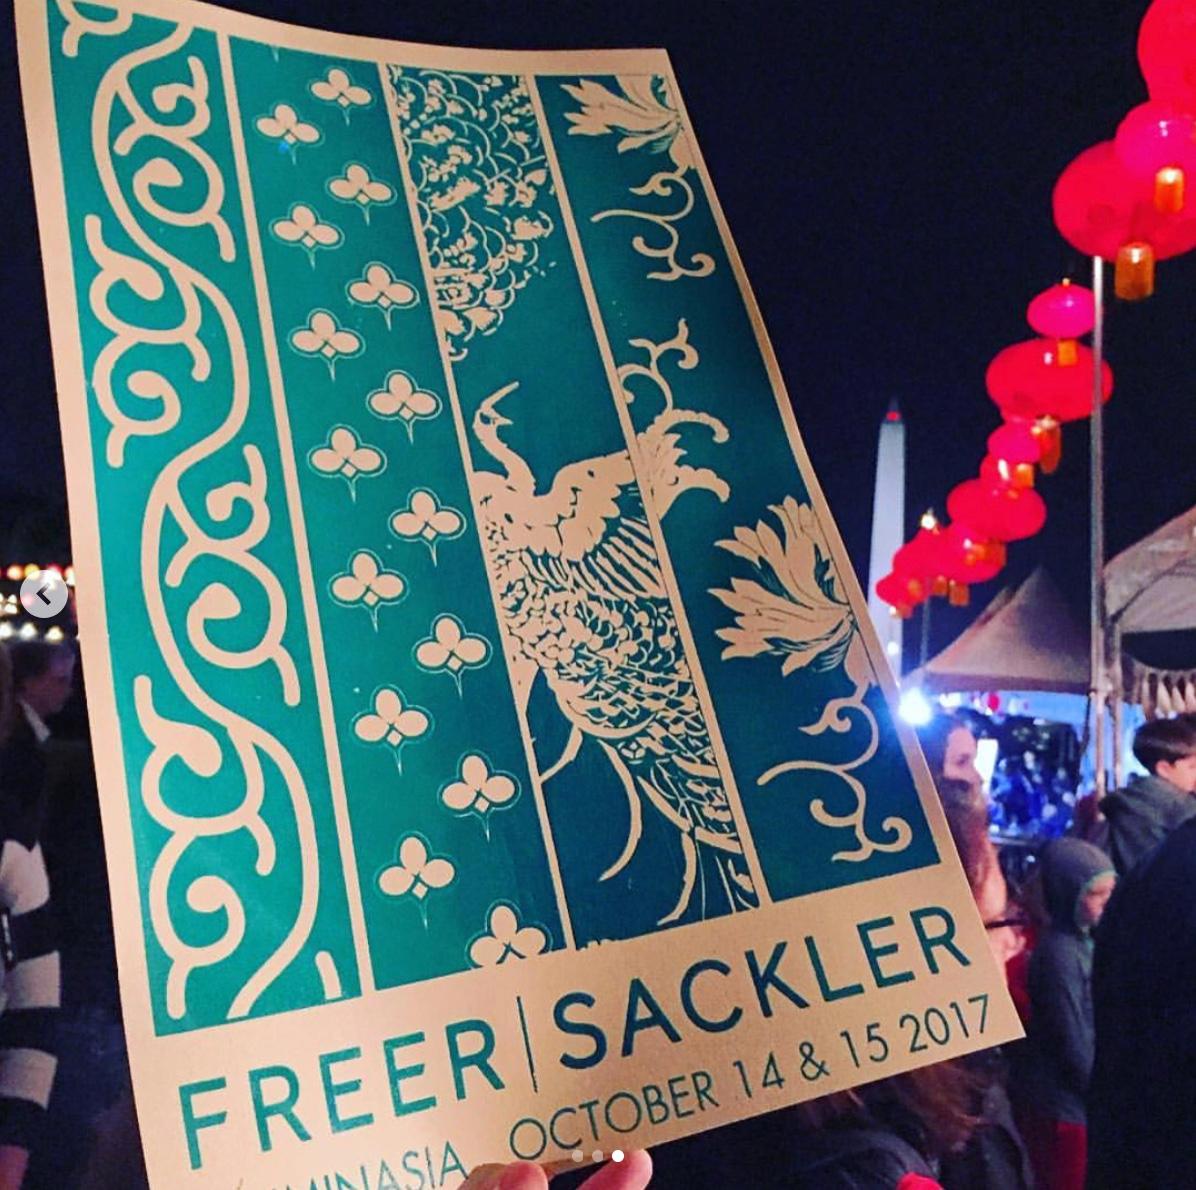 7-FreerSackler.jpeg